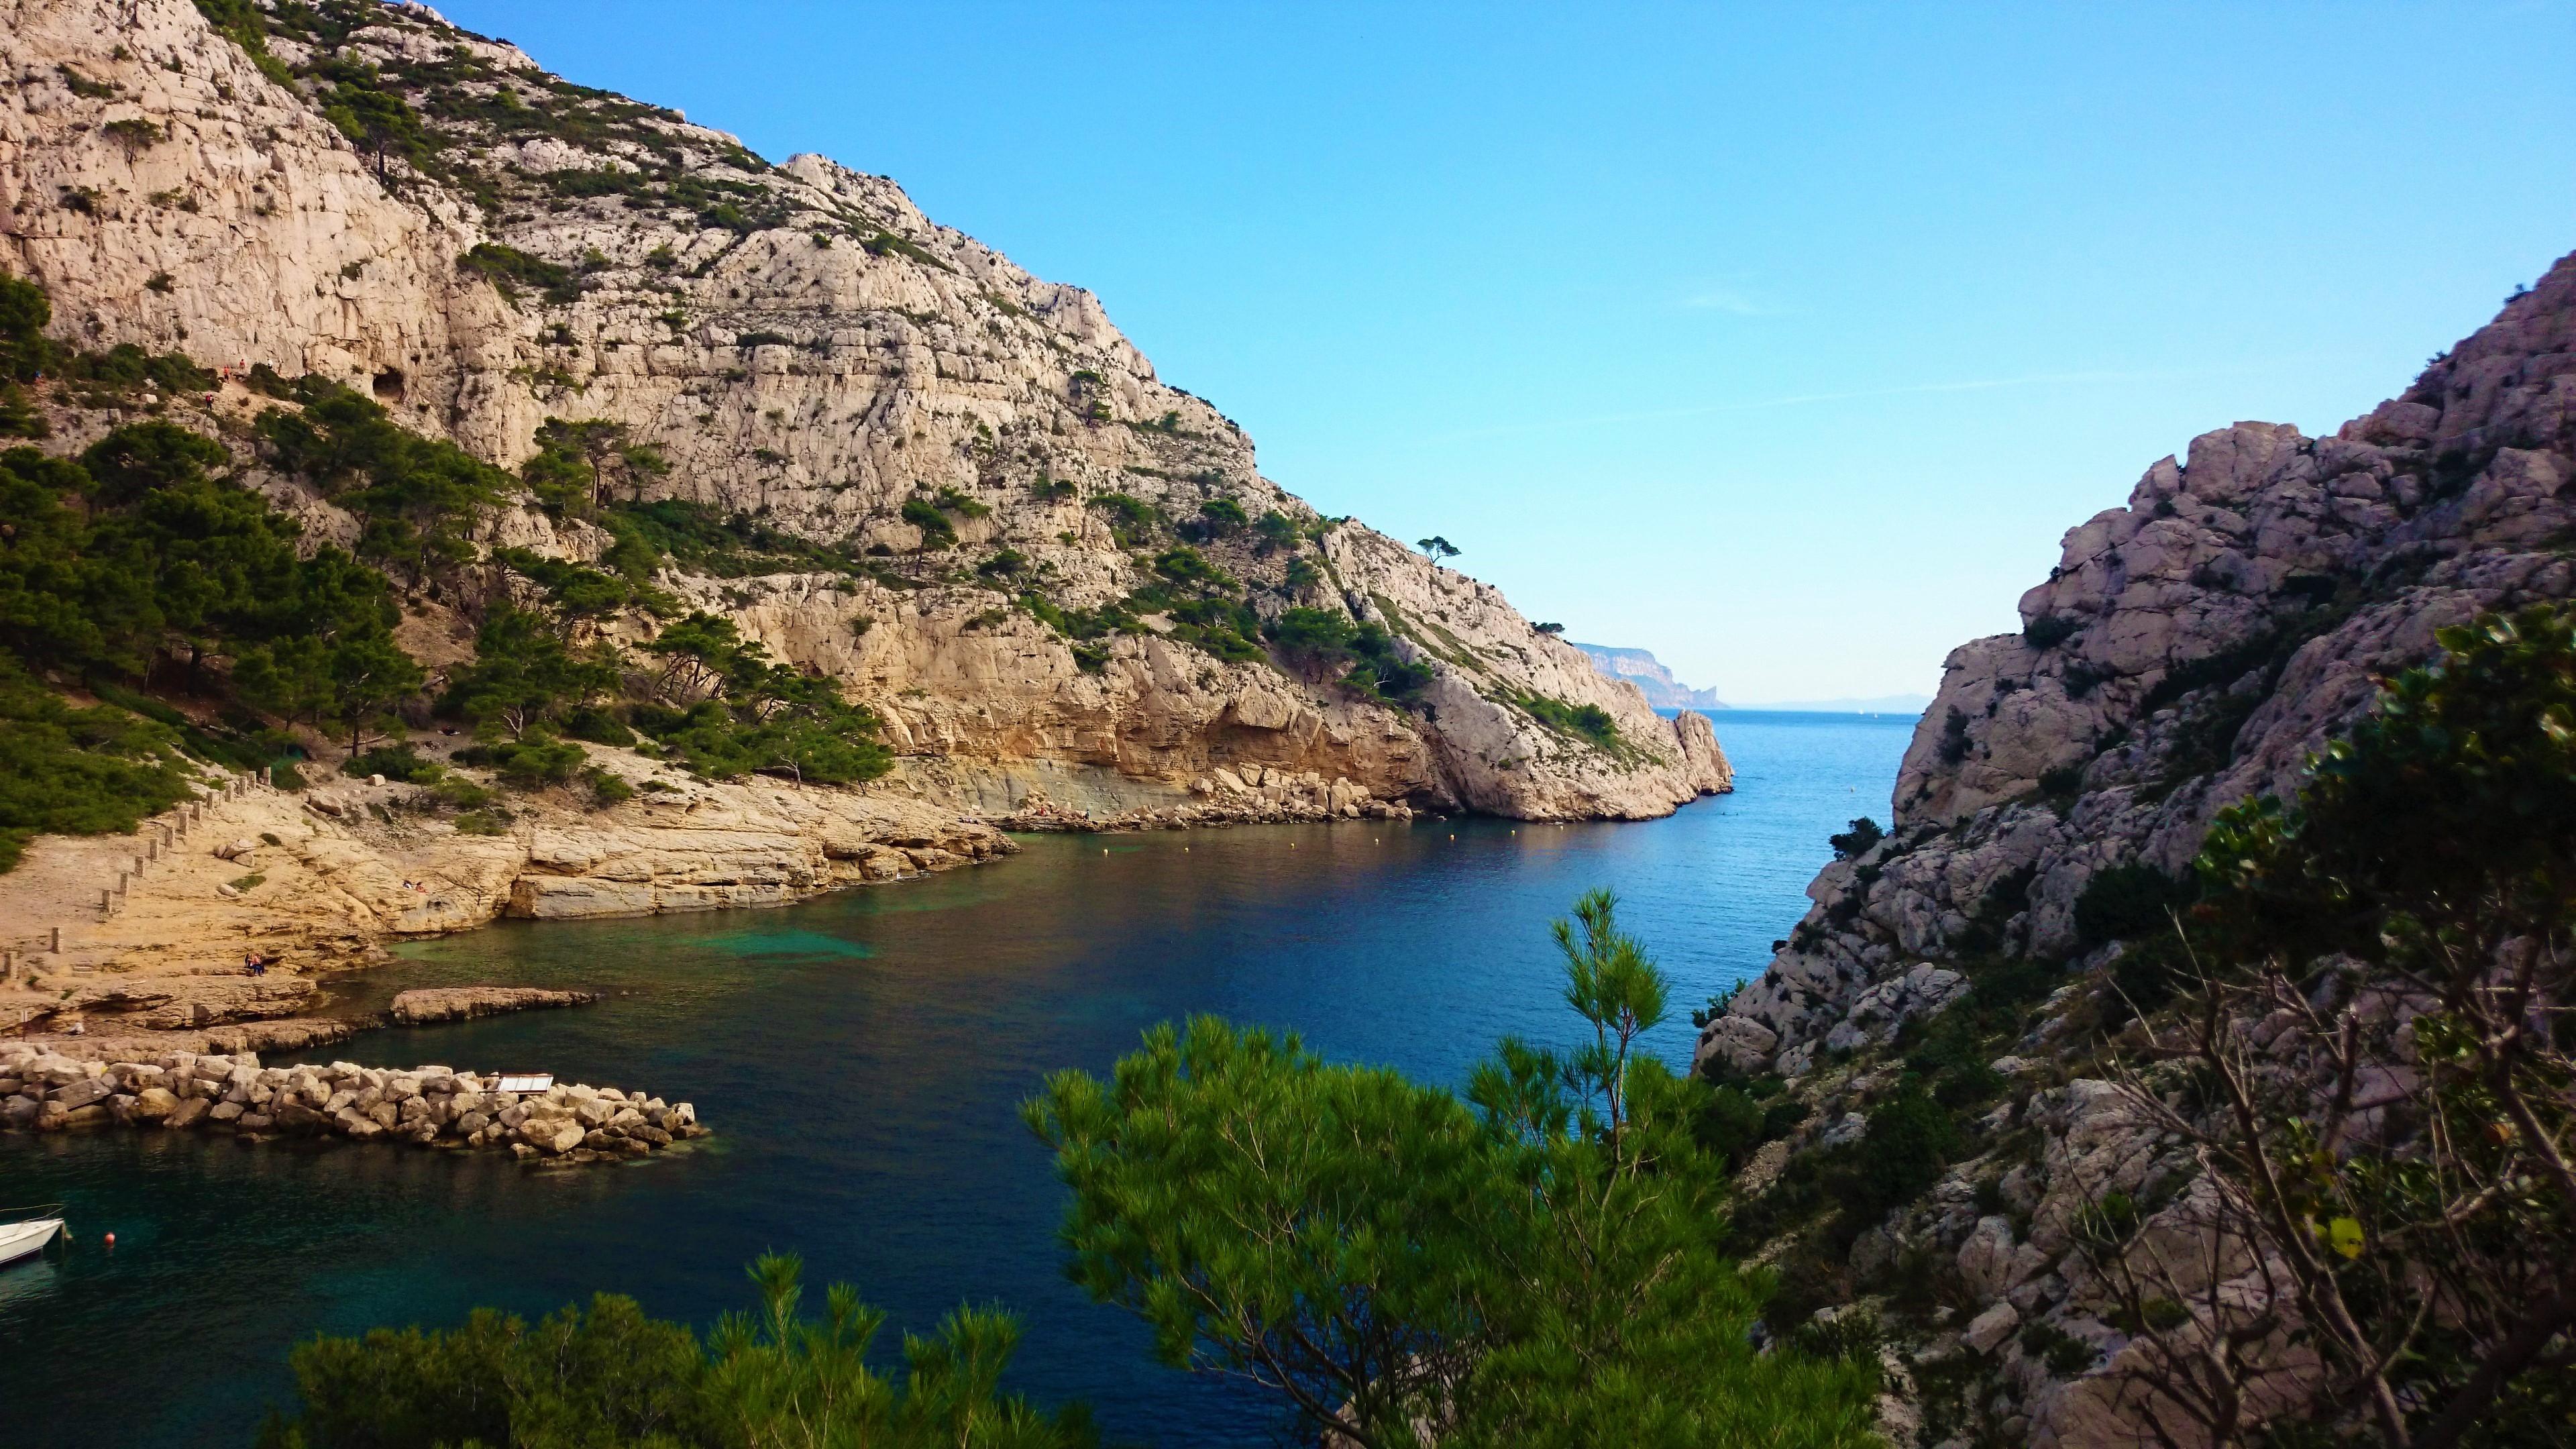 File:Les Calanques de Marseille et la roche.jpg - Wikimedia Commons